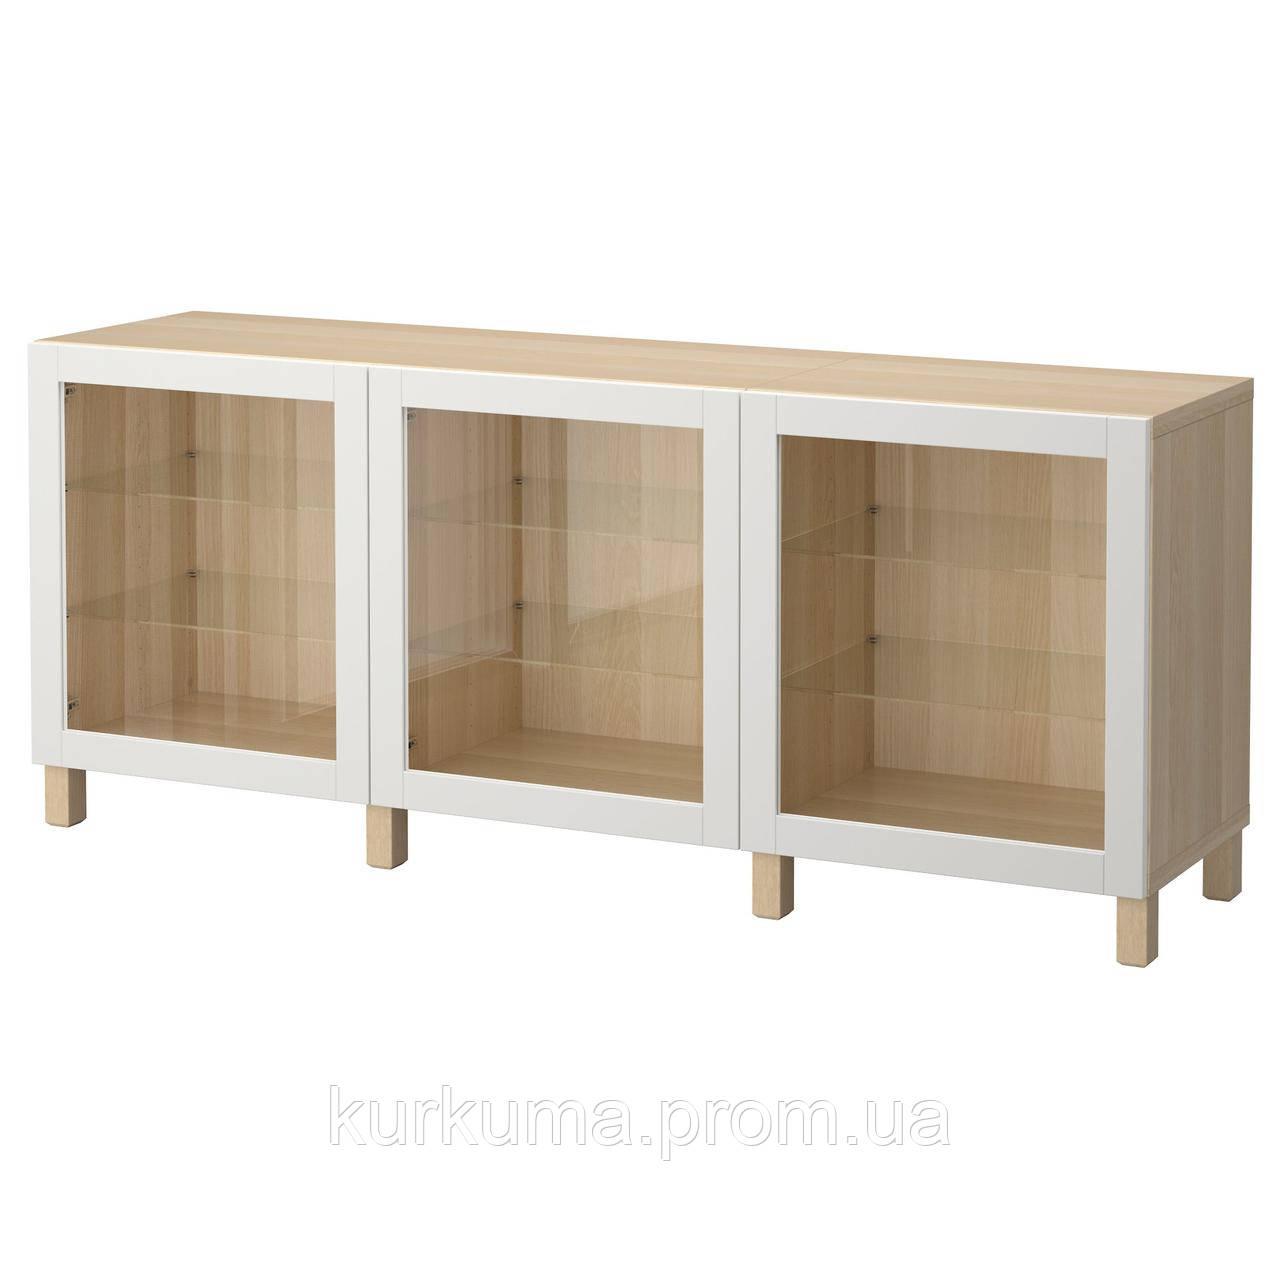 IKEA BESTA Тумба, беленый дуб, Синдвик светло-серое прозрачное стекло  (392.059.15)